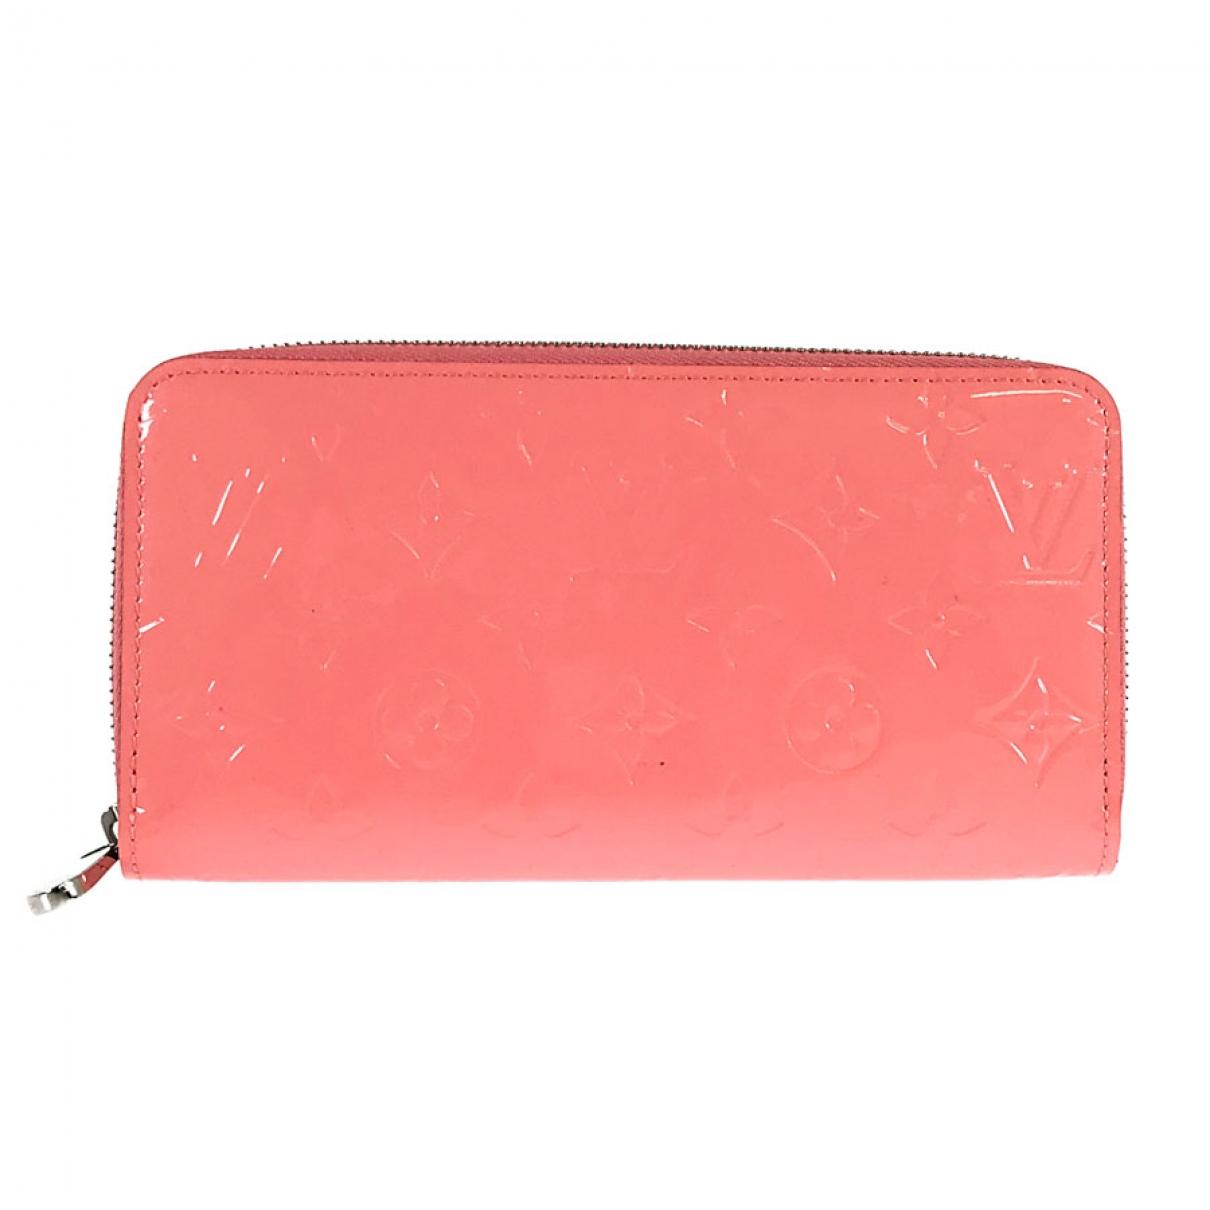 Louis Vuitton Zippy Portemonnaie in  Rosa Lackleder